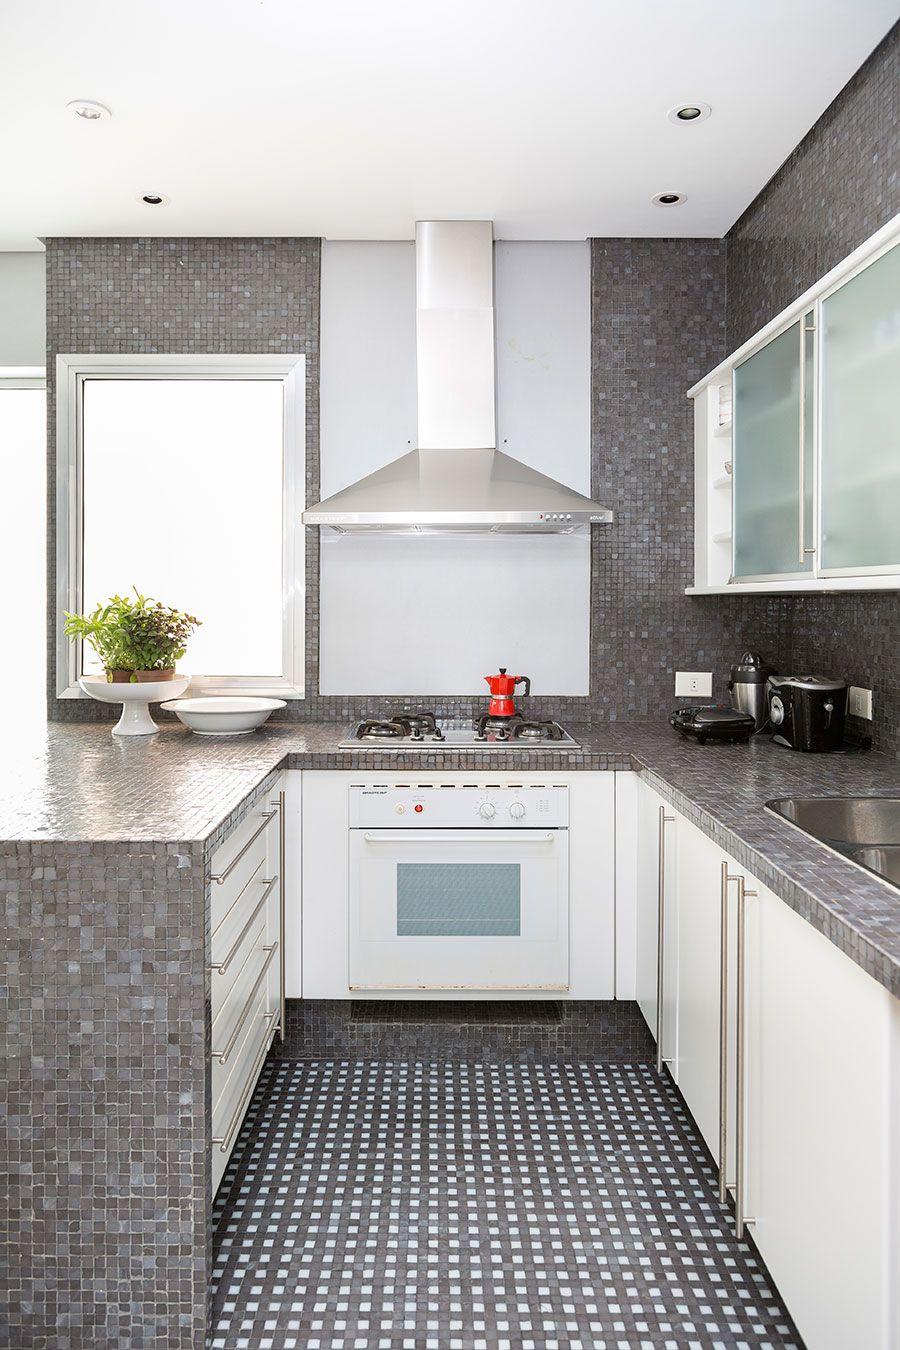 OPEN HOUSE | Cocina pequeña, Ideas para cocinas y Ideas de ...